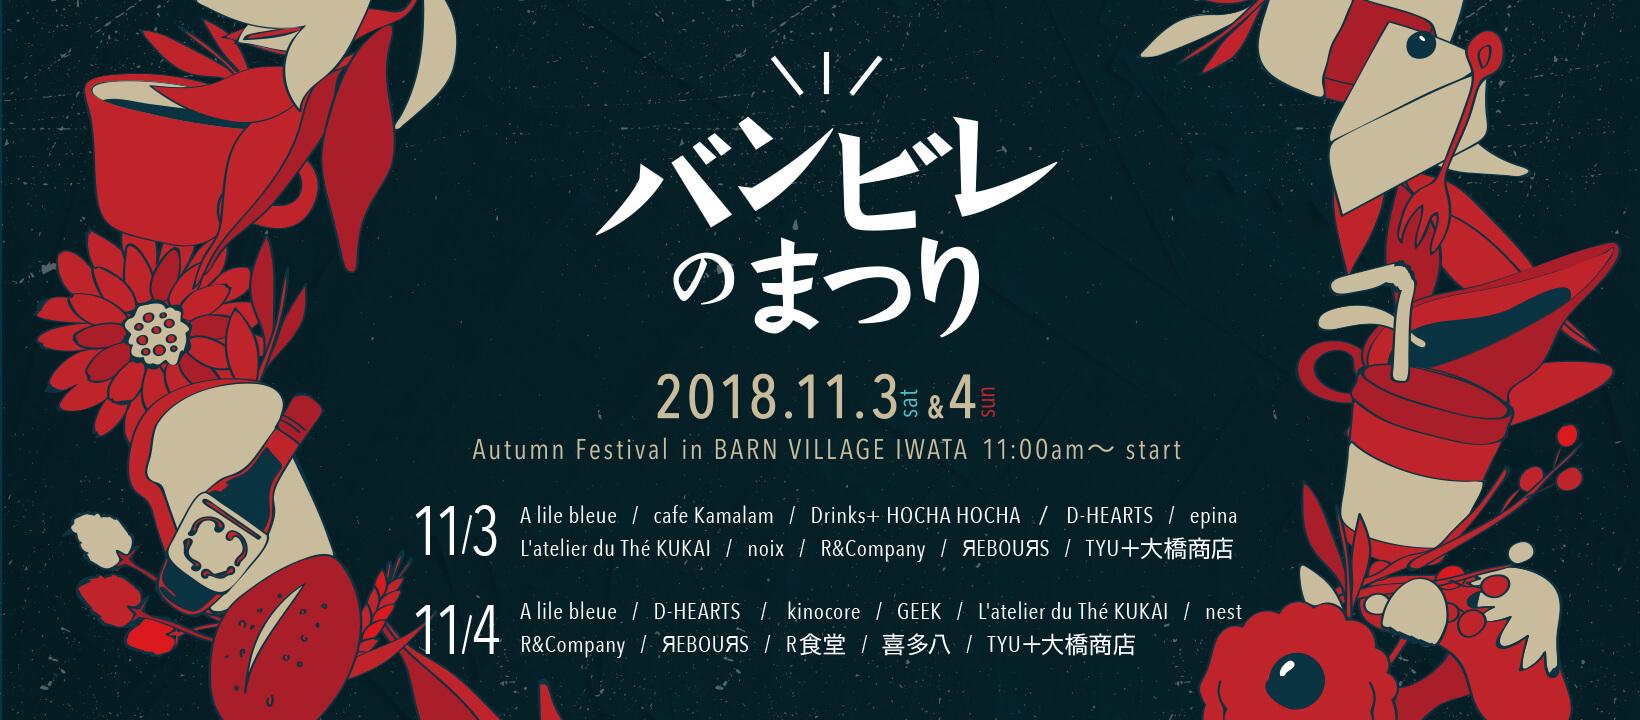 バンビレのまつり2018秋 facebook用ビジュアル